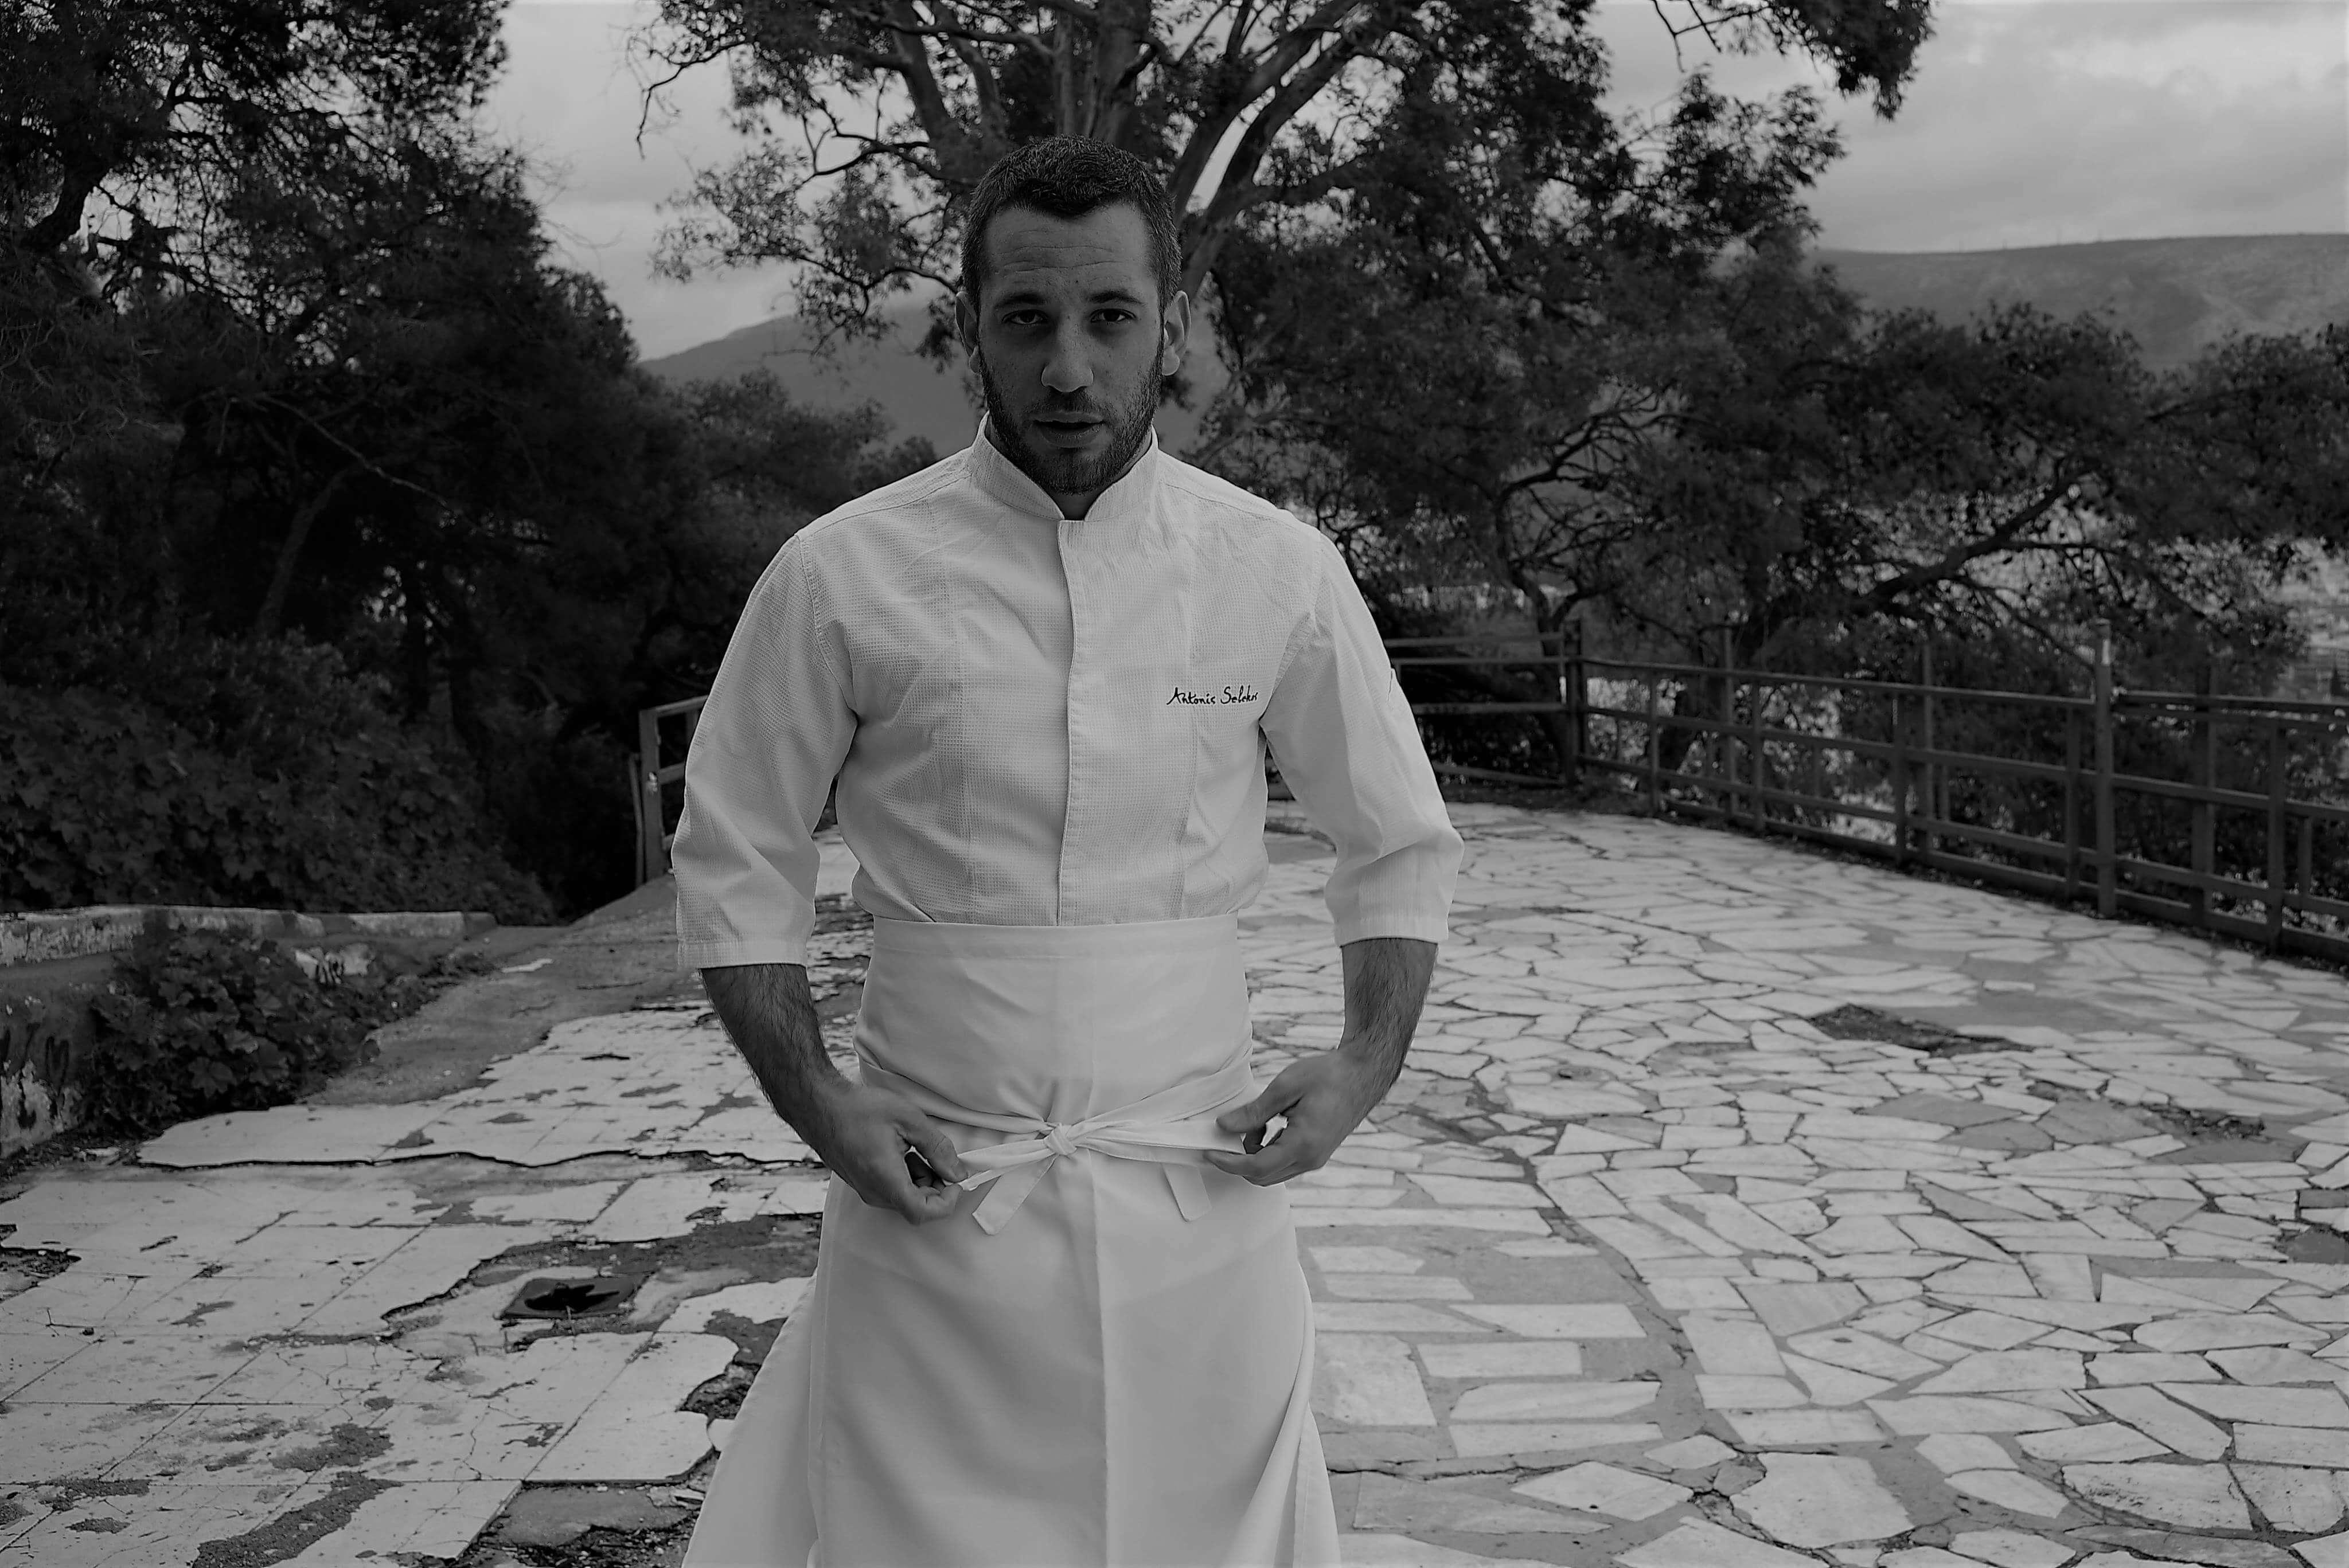 Η ιστορία του Αντώνη Σελέκου από τον οικογενειακό φούρνο στην Αστυπάλαια στο Funky Gourmet